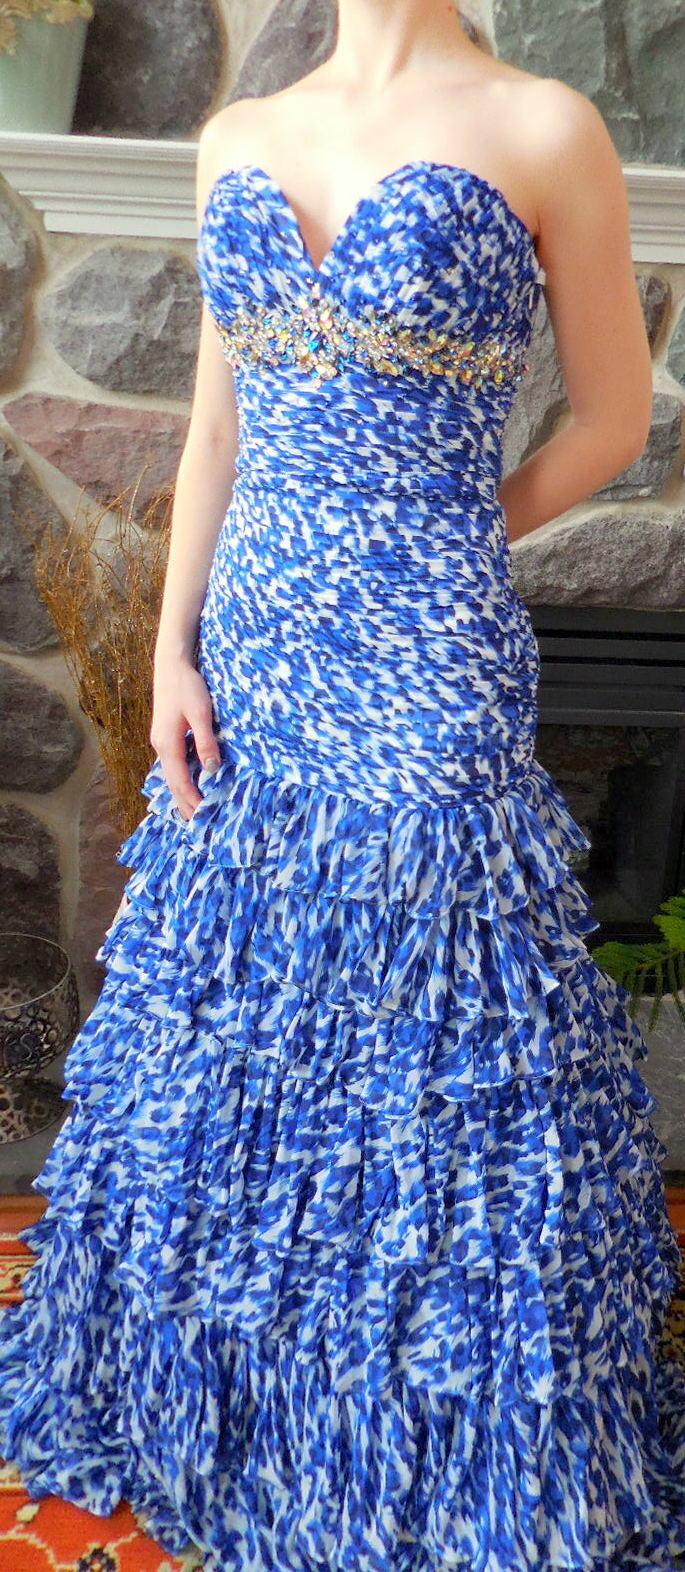 Sweetheart échelonné volants Prom Long sirène formel en mousseline de soie robe bleu 2 NEUF